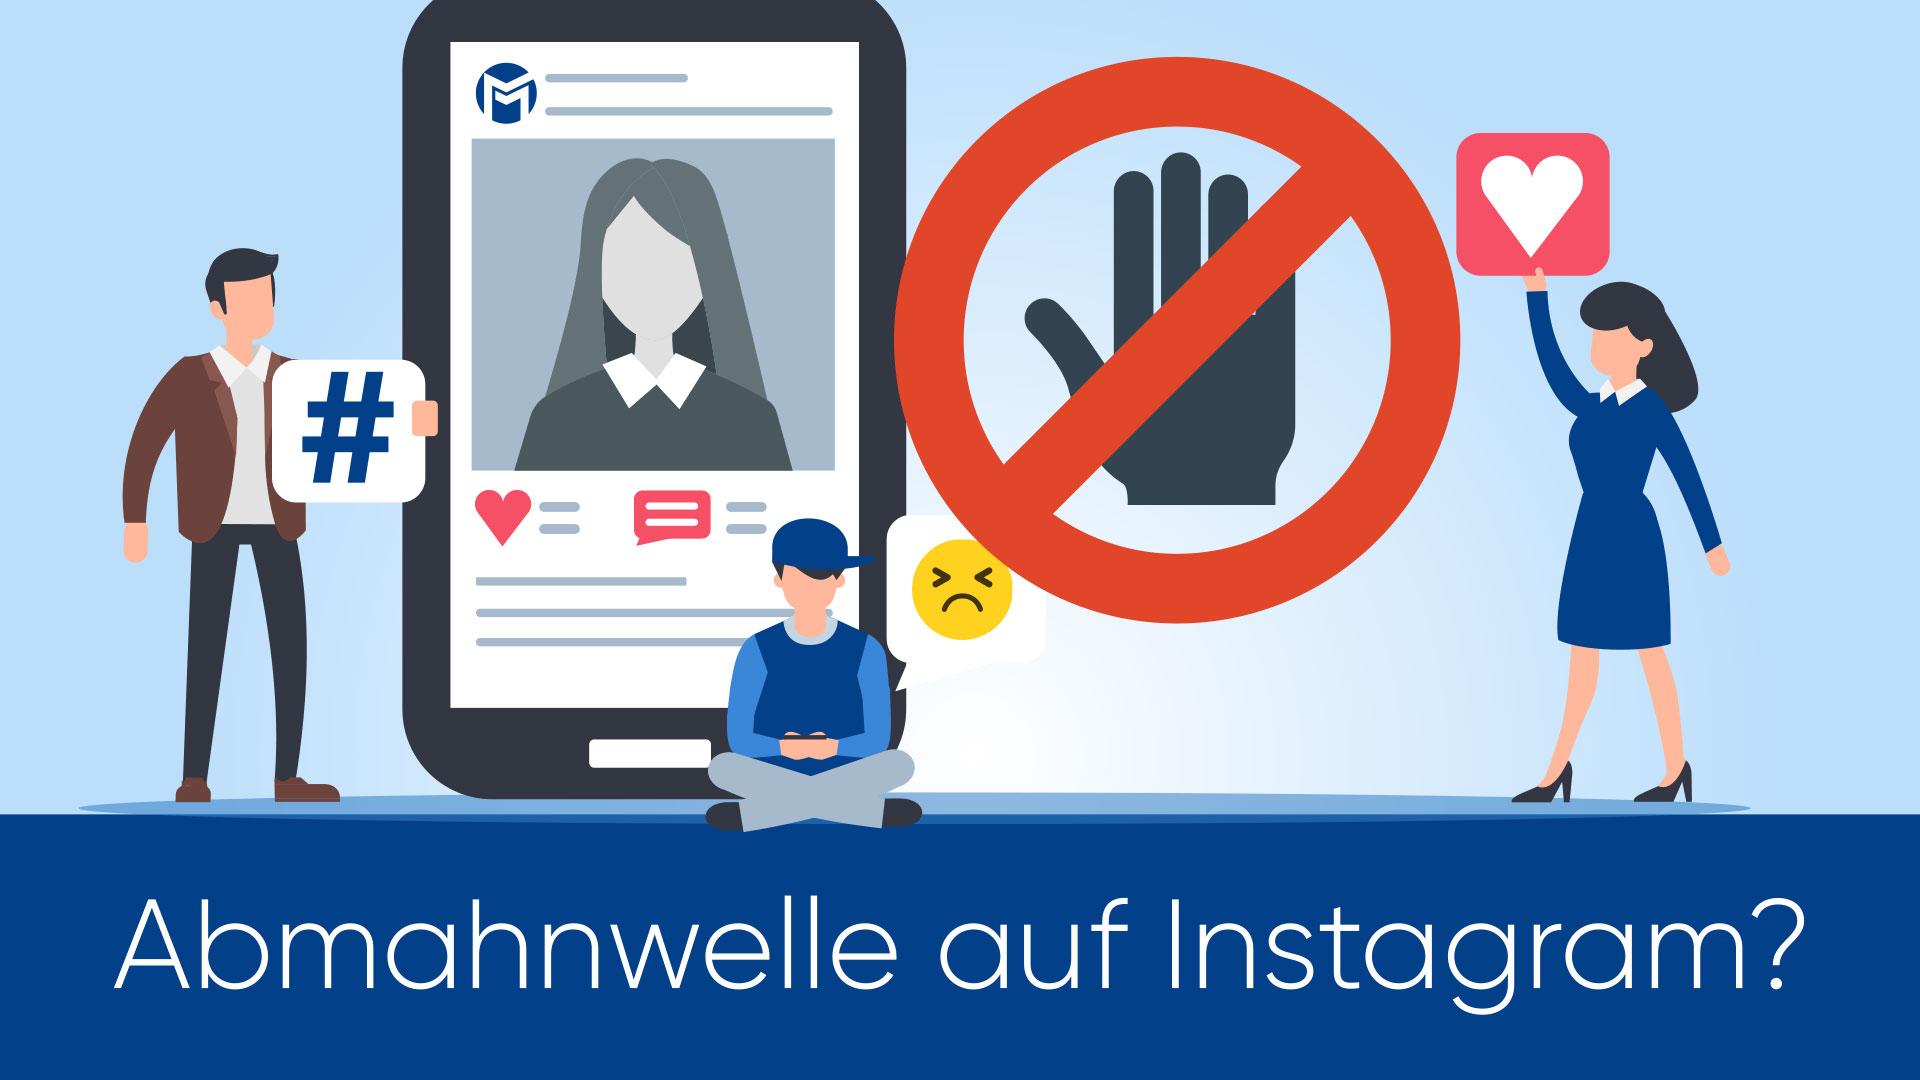 Abmahnwelle Instagram